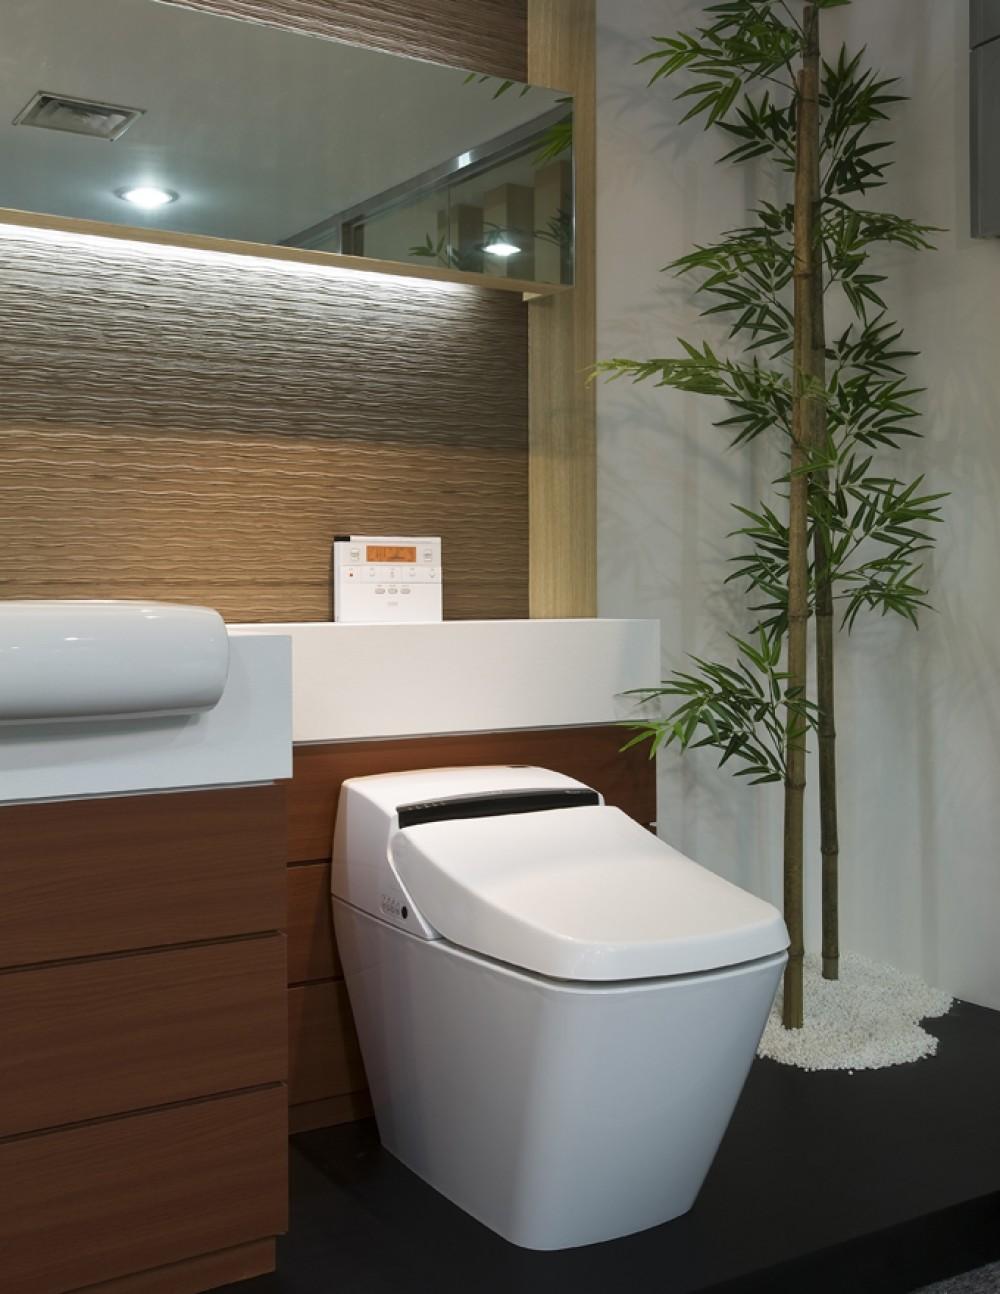 Dusch-WC Komplettanlage  Dusch-WC VOVO PB707S